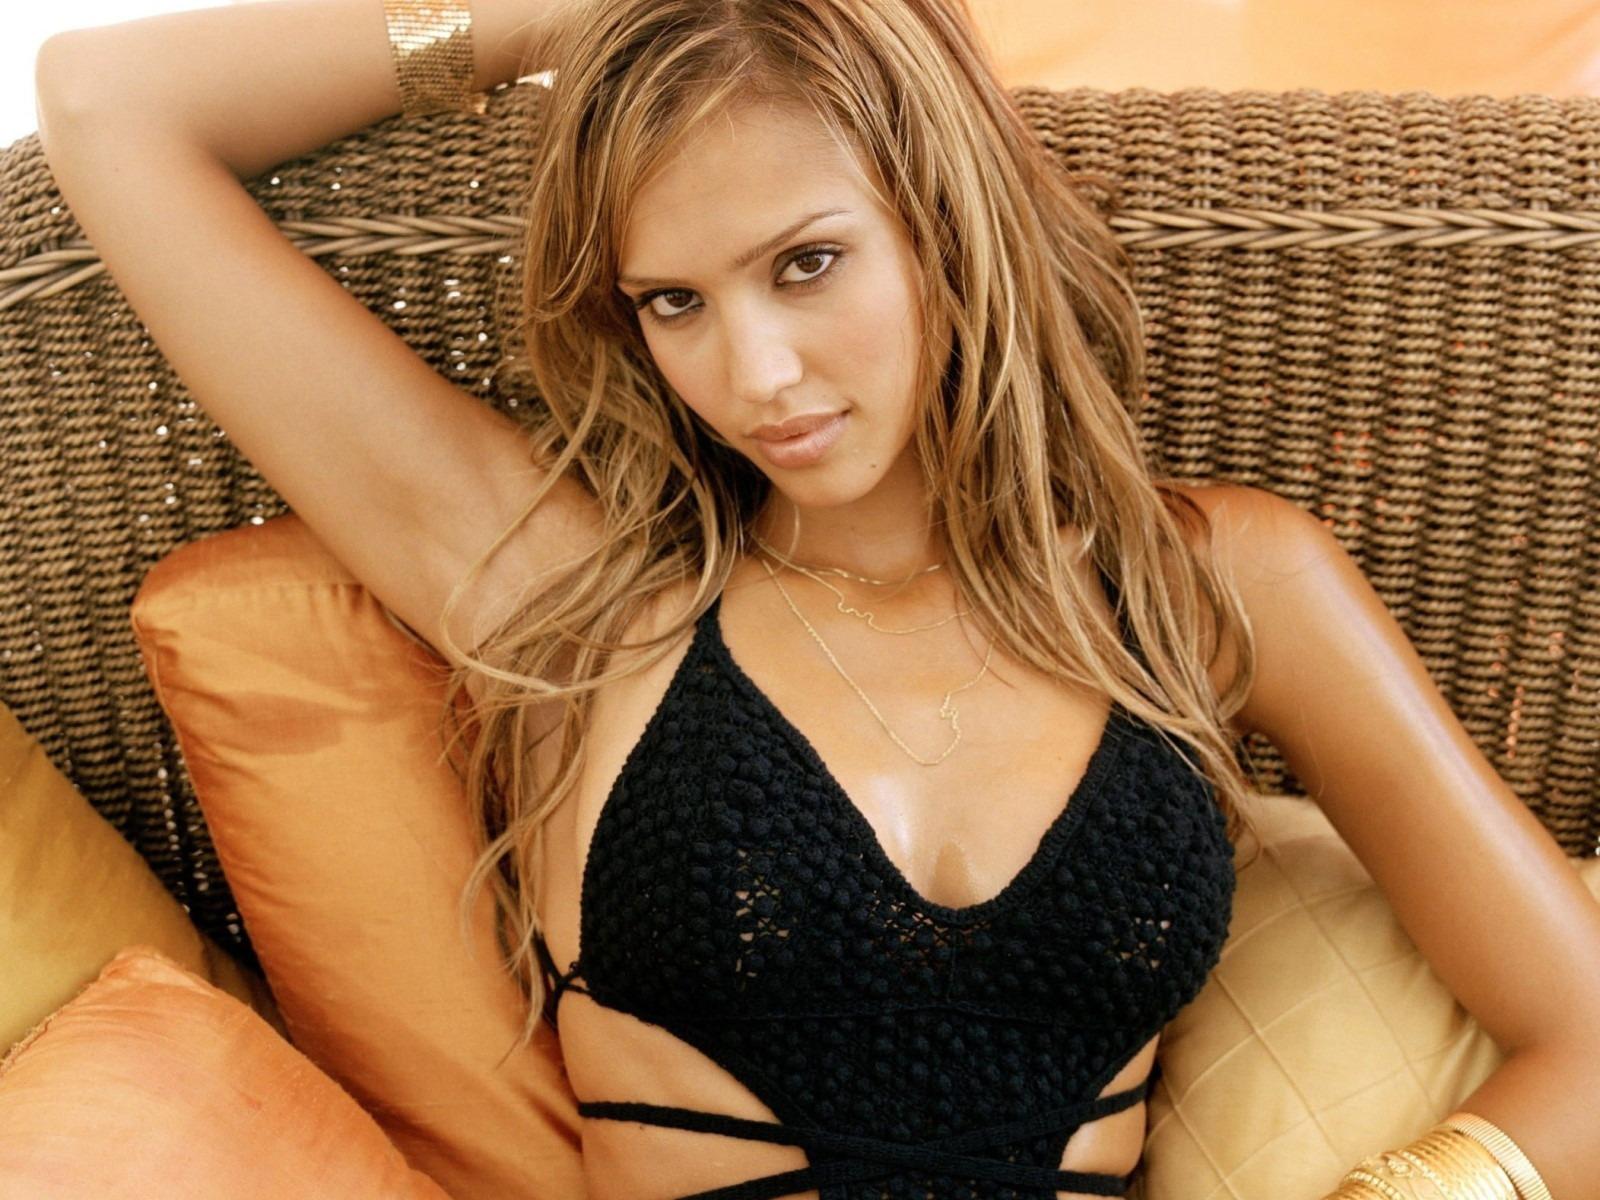 hottest celebrity porn